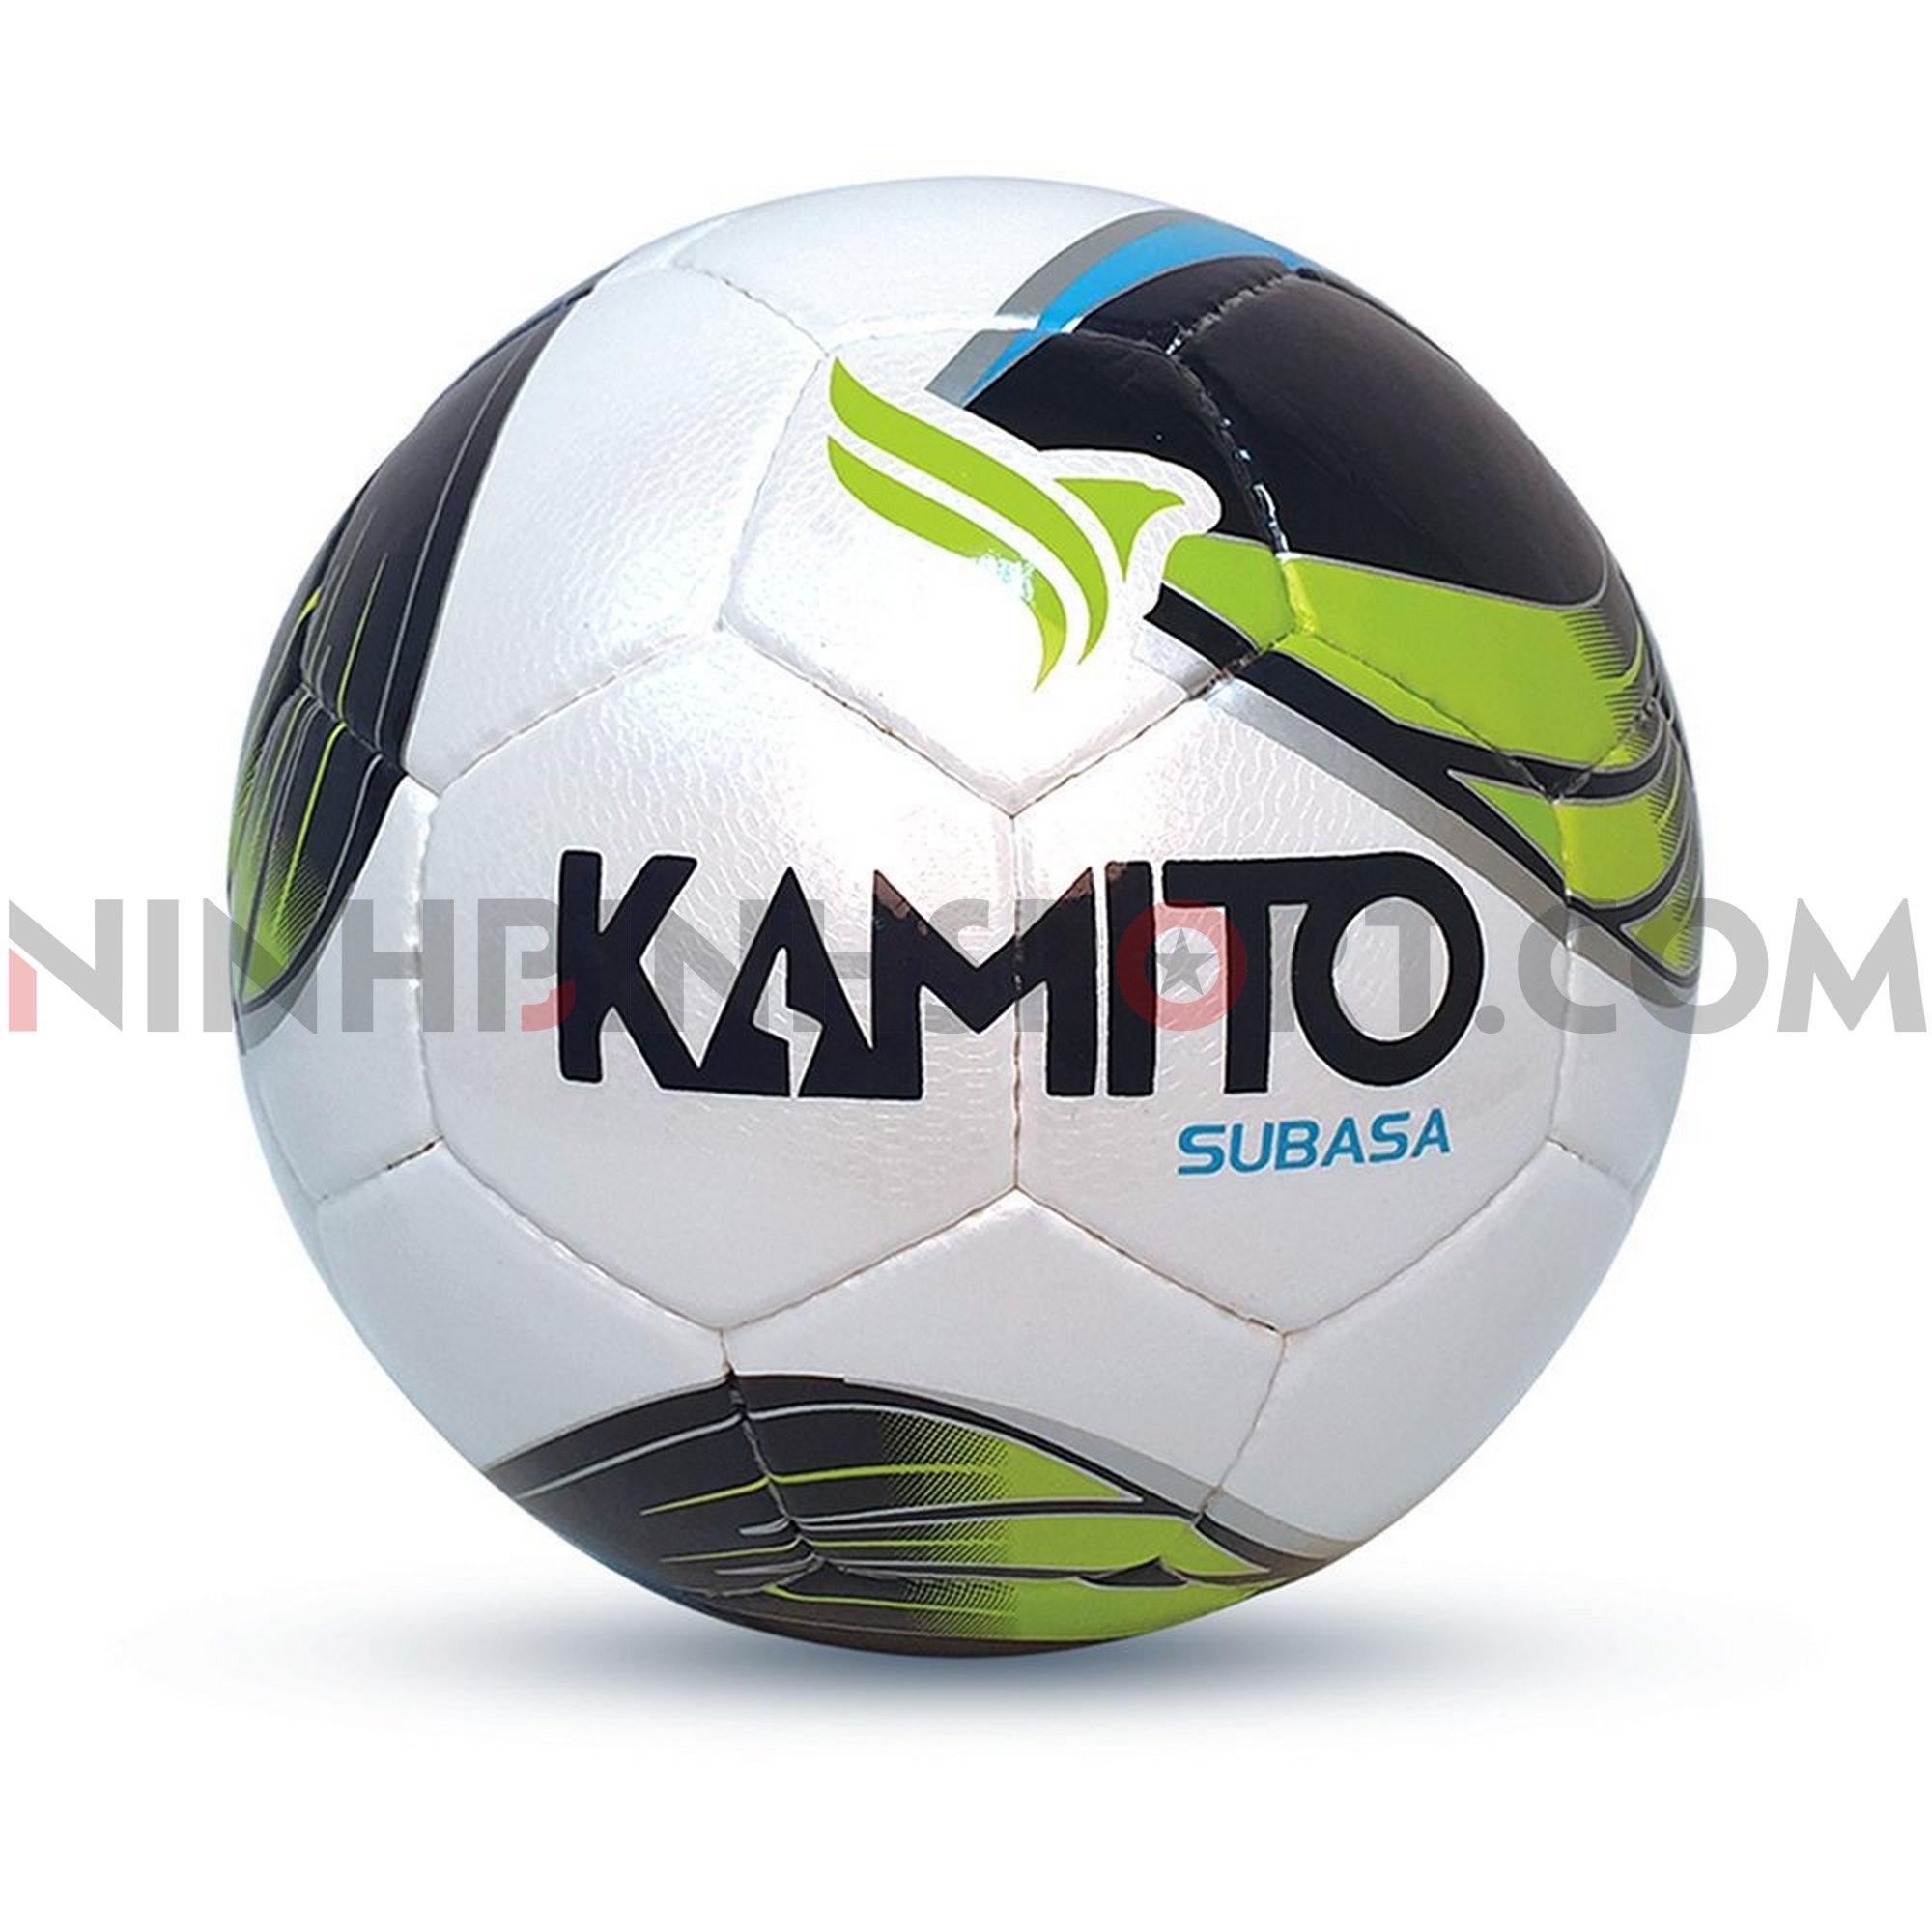 Quả bóng đá Kamito Subasa S19101